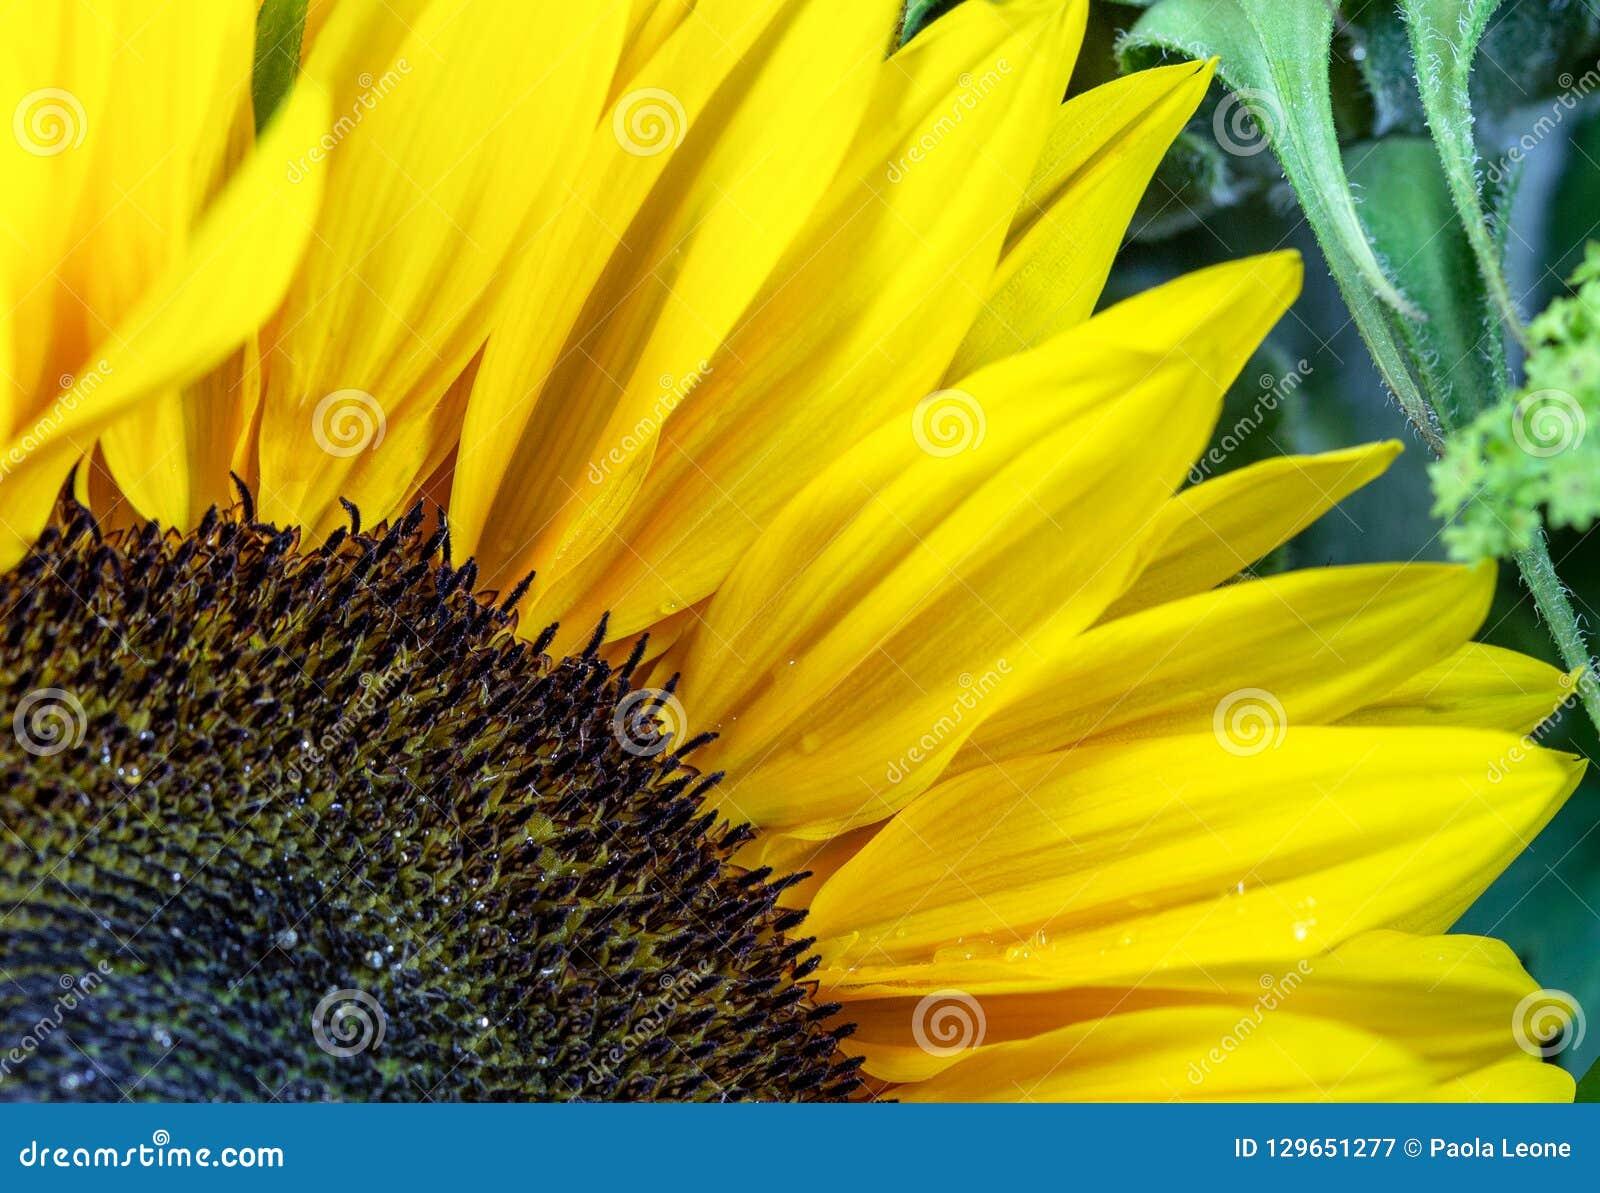 Zonnebloemclose-up: Details van Bloemblaadjes, Corolla en groene Bladeren op Achtergrond